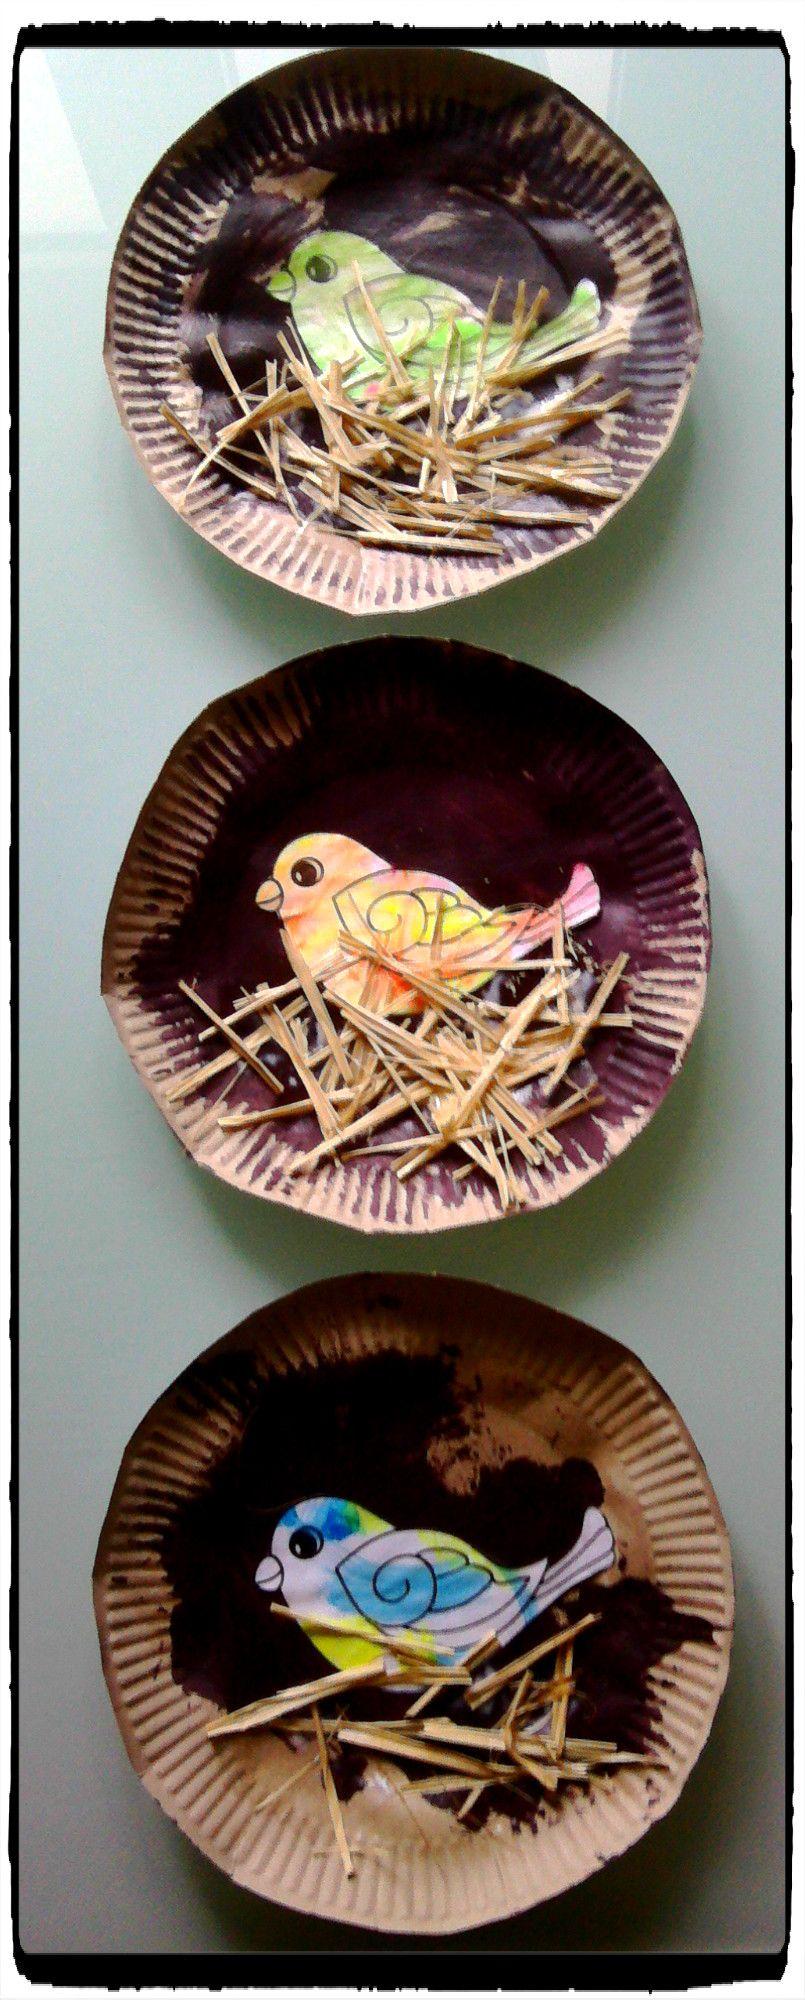 nid d 39 oiseau en assiette en carton les printemps maternelle et printemps. Black Bedroom Furniture Sets. Home Design Ideas